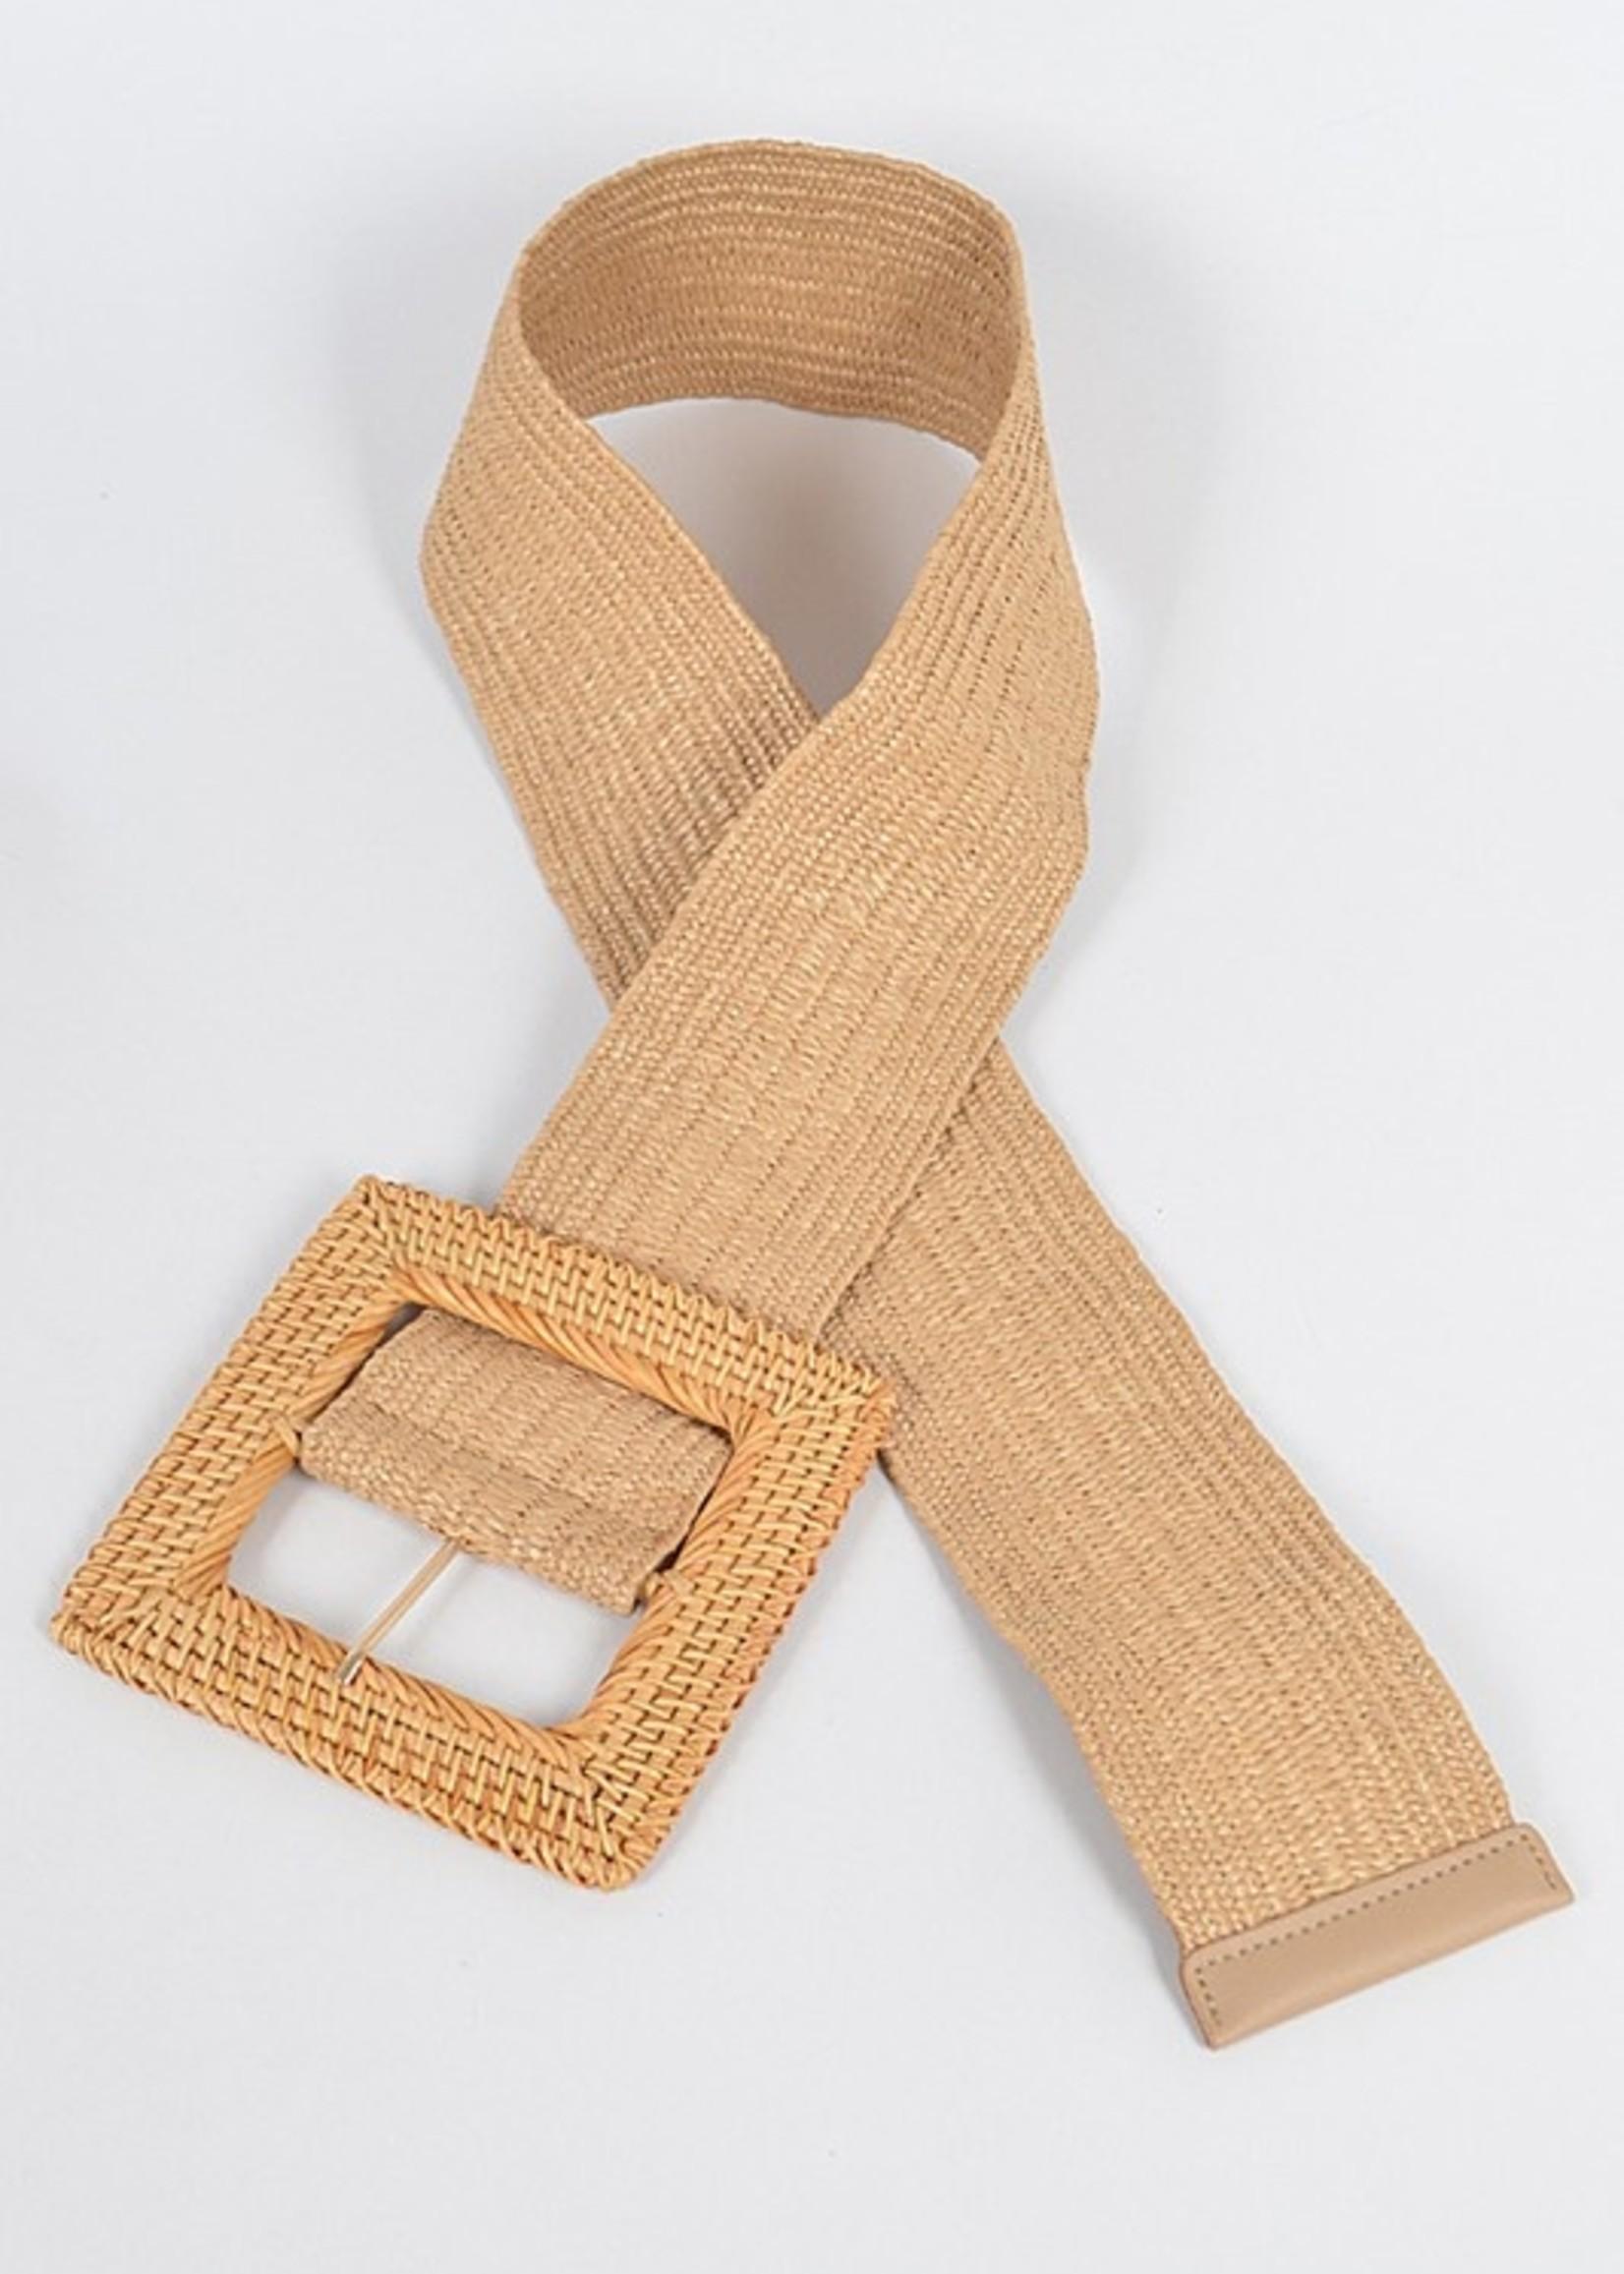 Bamboo belt